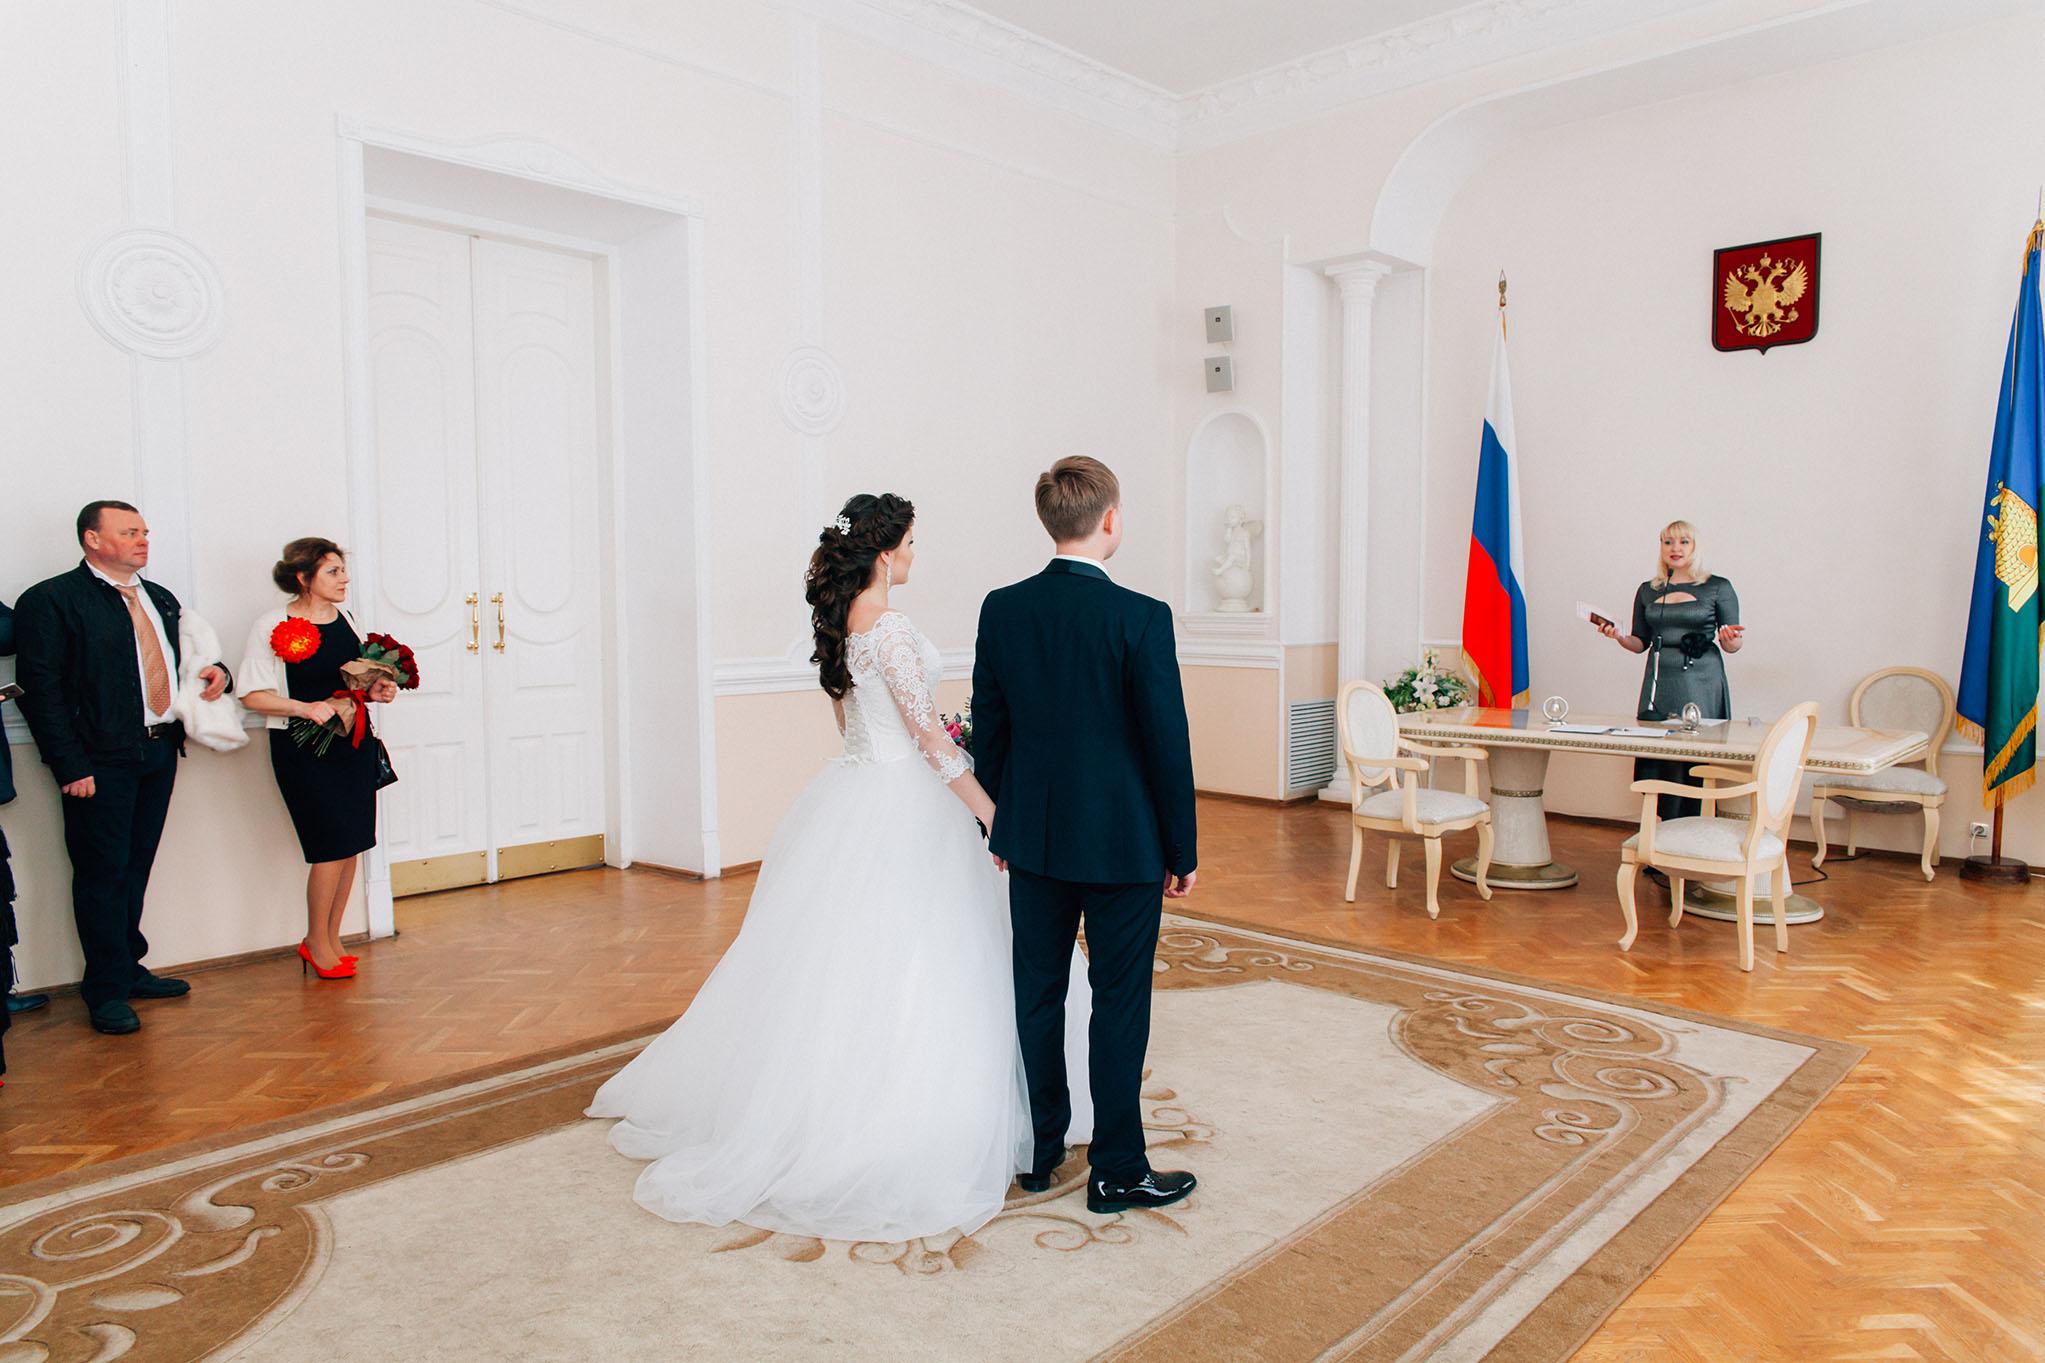 Торжественная регистрация брака в ЗАГСе Тамбова